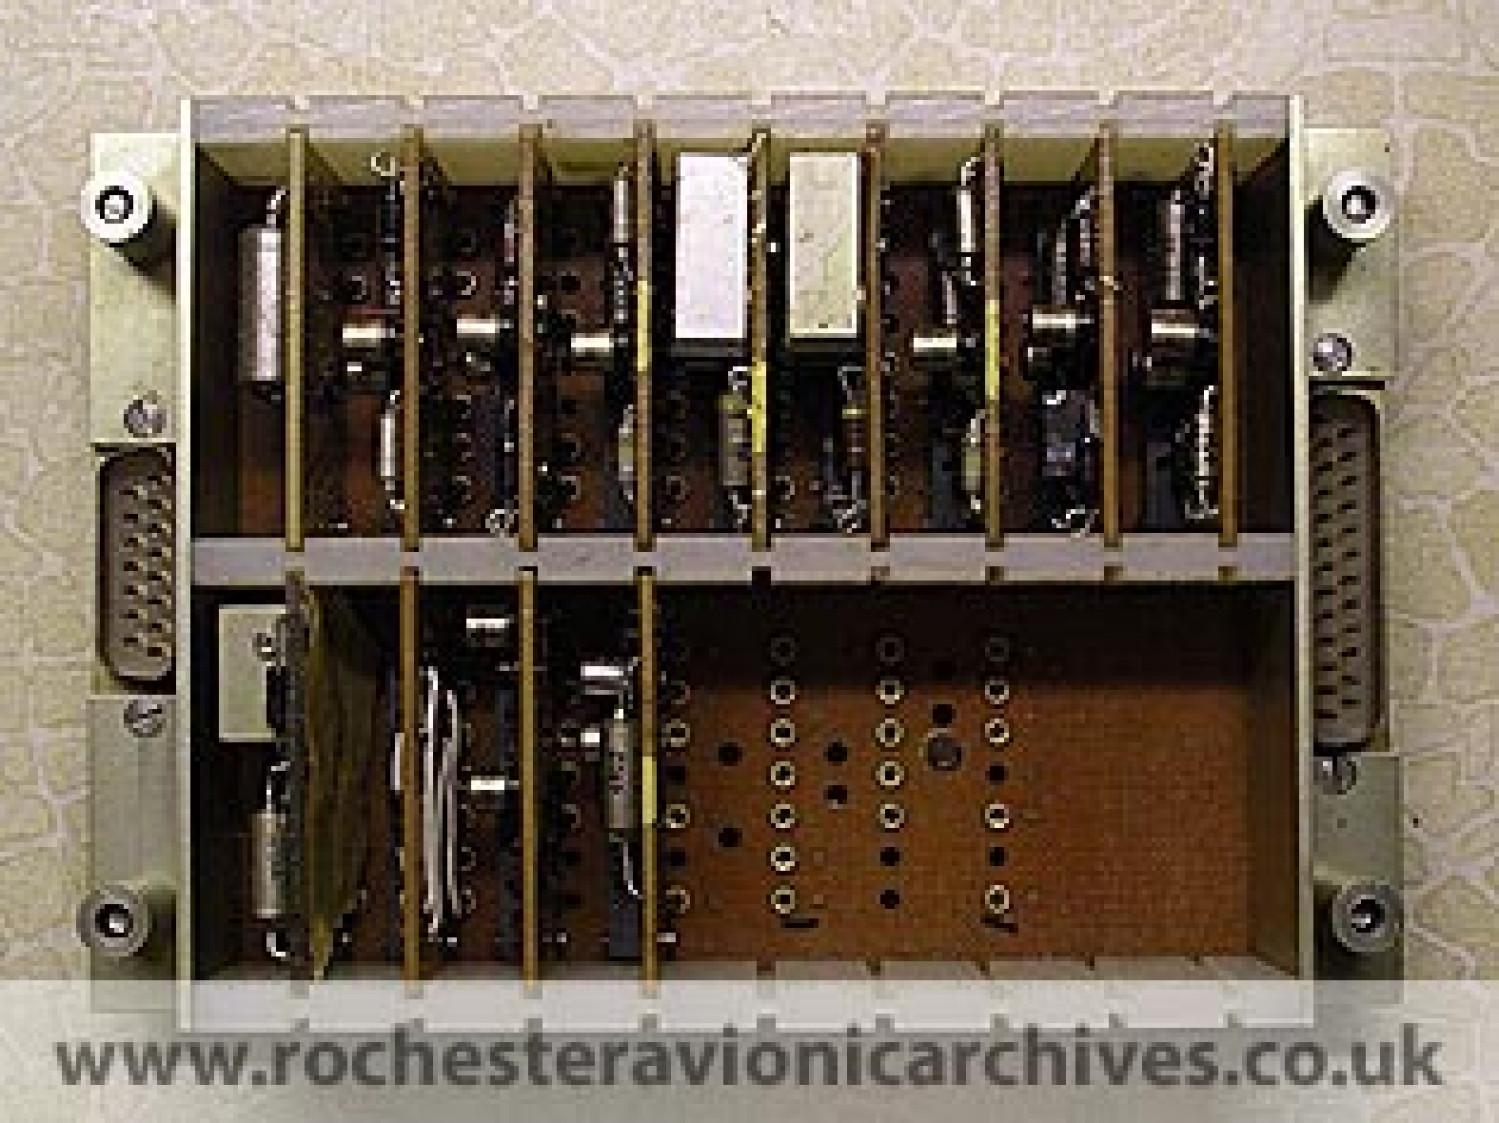 Modular Circuit Assembly